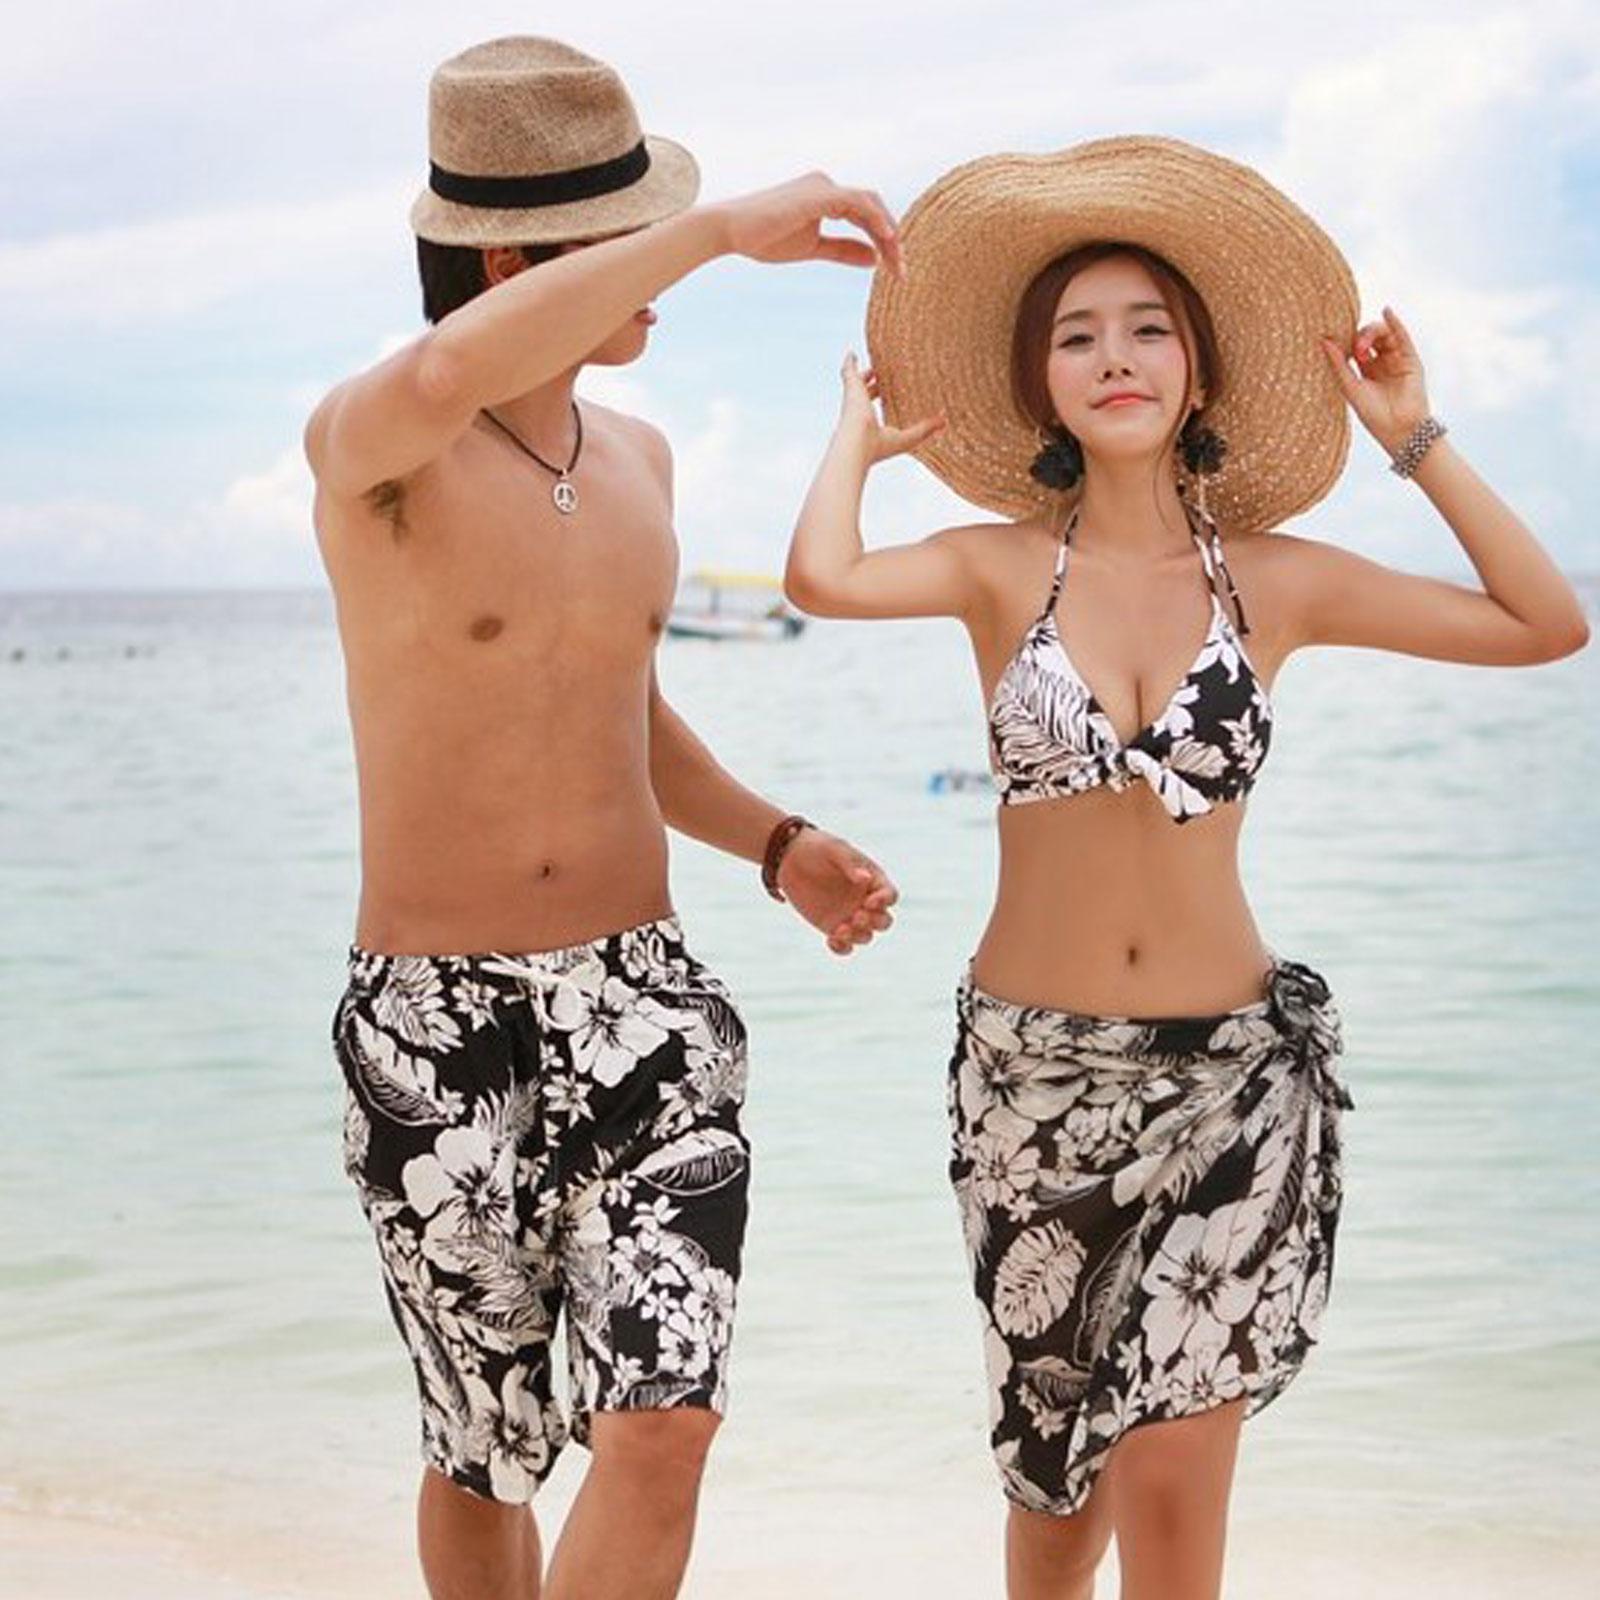 比基尼 扶桑花綁帶三件套海灘情侶泳裝【O3394】☆雙兒網☆ 1